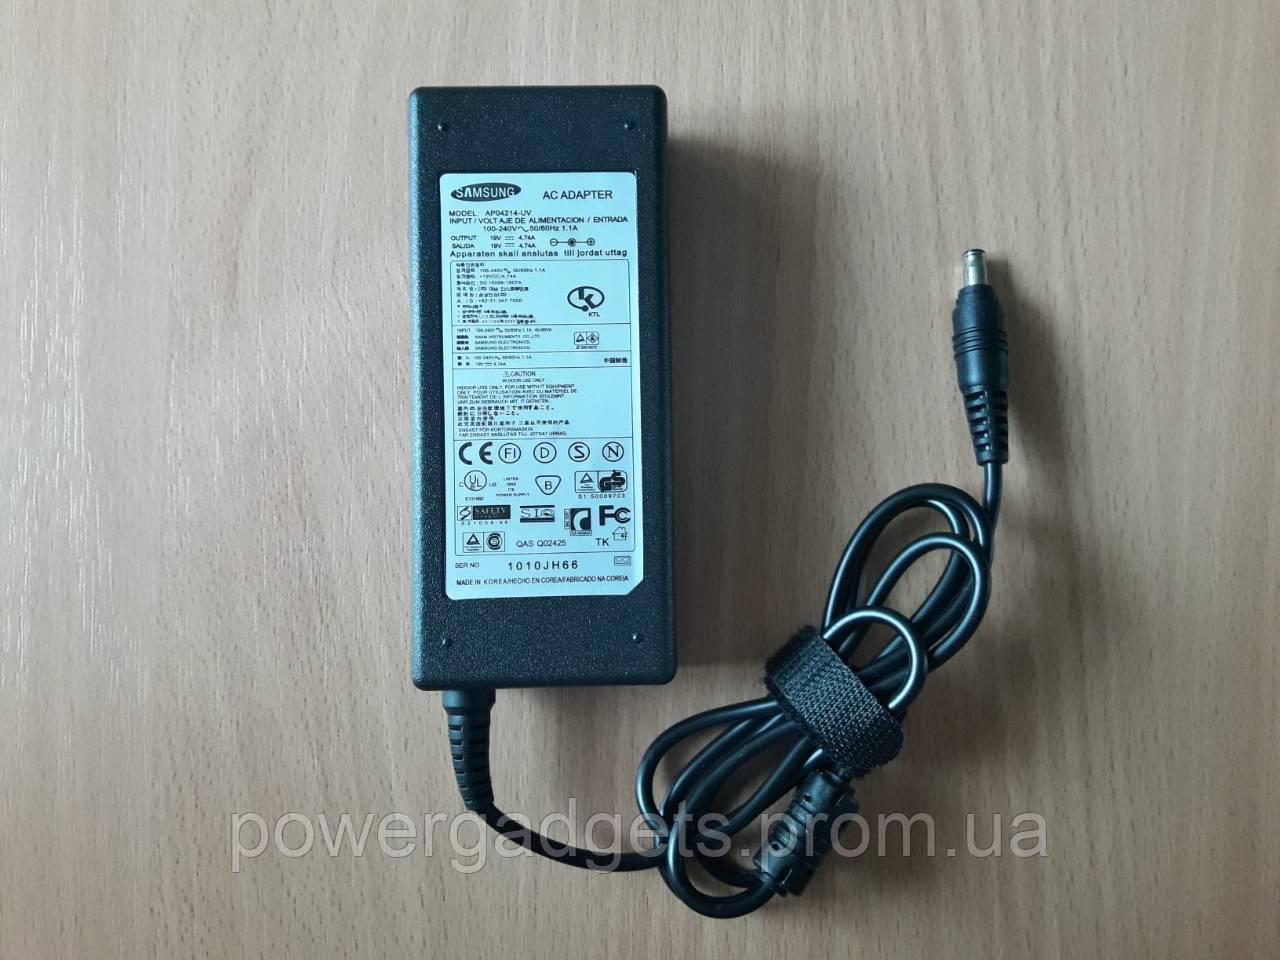 Блок питания для ноутбука Samsung 19V 4.74A 90W 5.5x3.0 мм